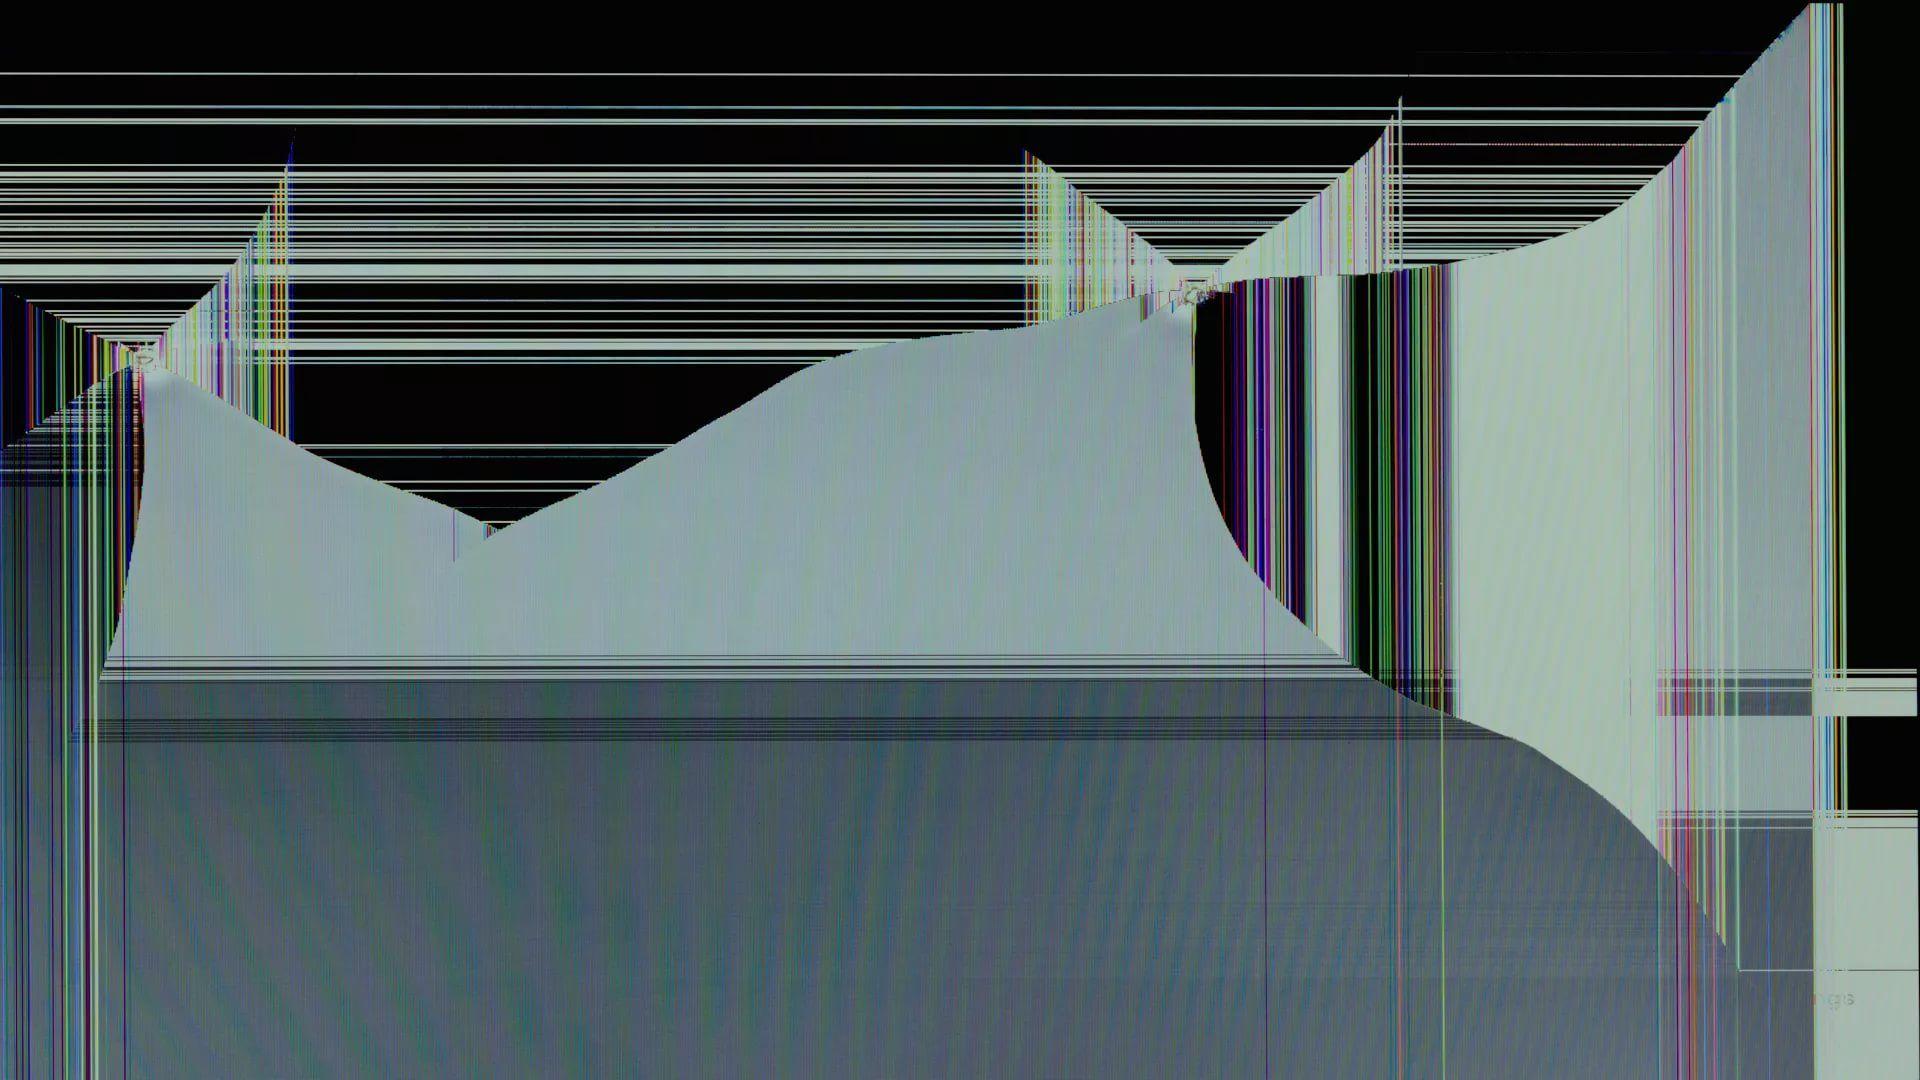 Broken Screen wallpaper picture hd